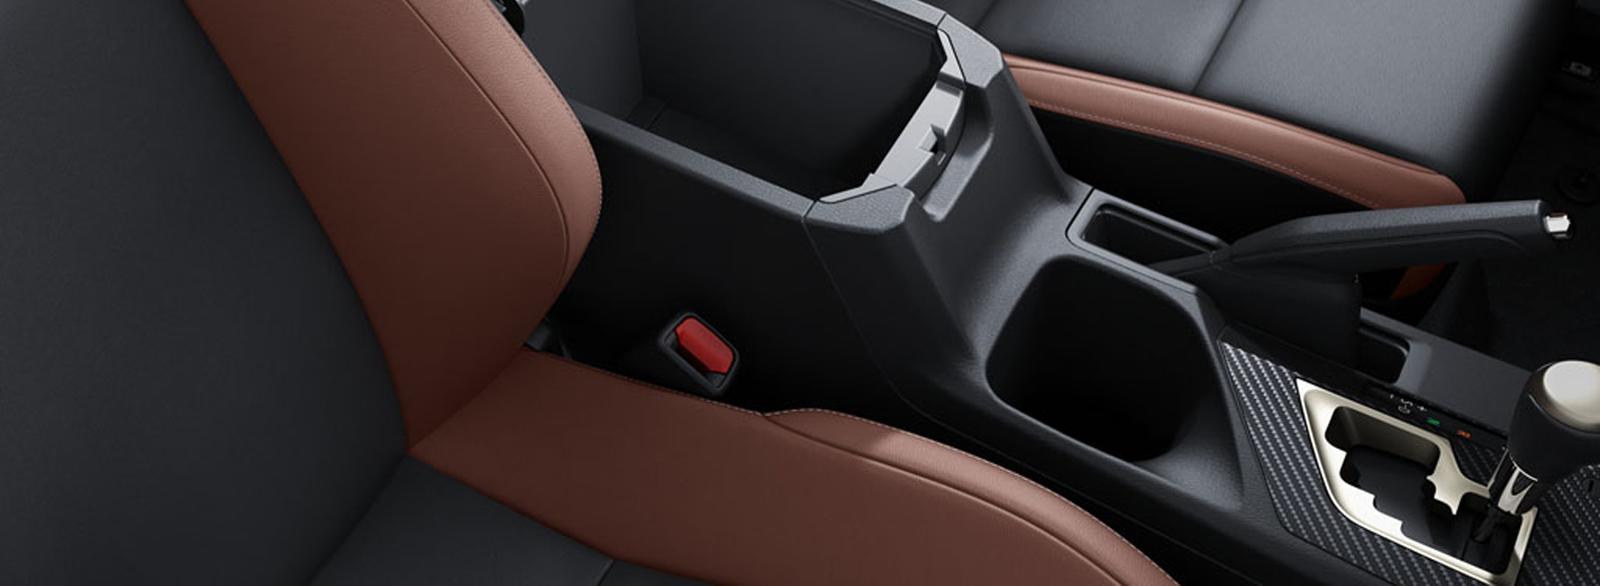 rav4-interior14